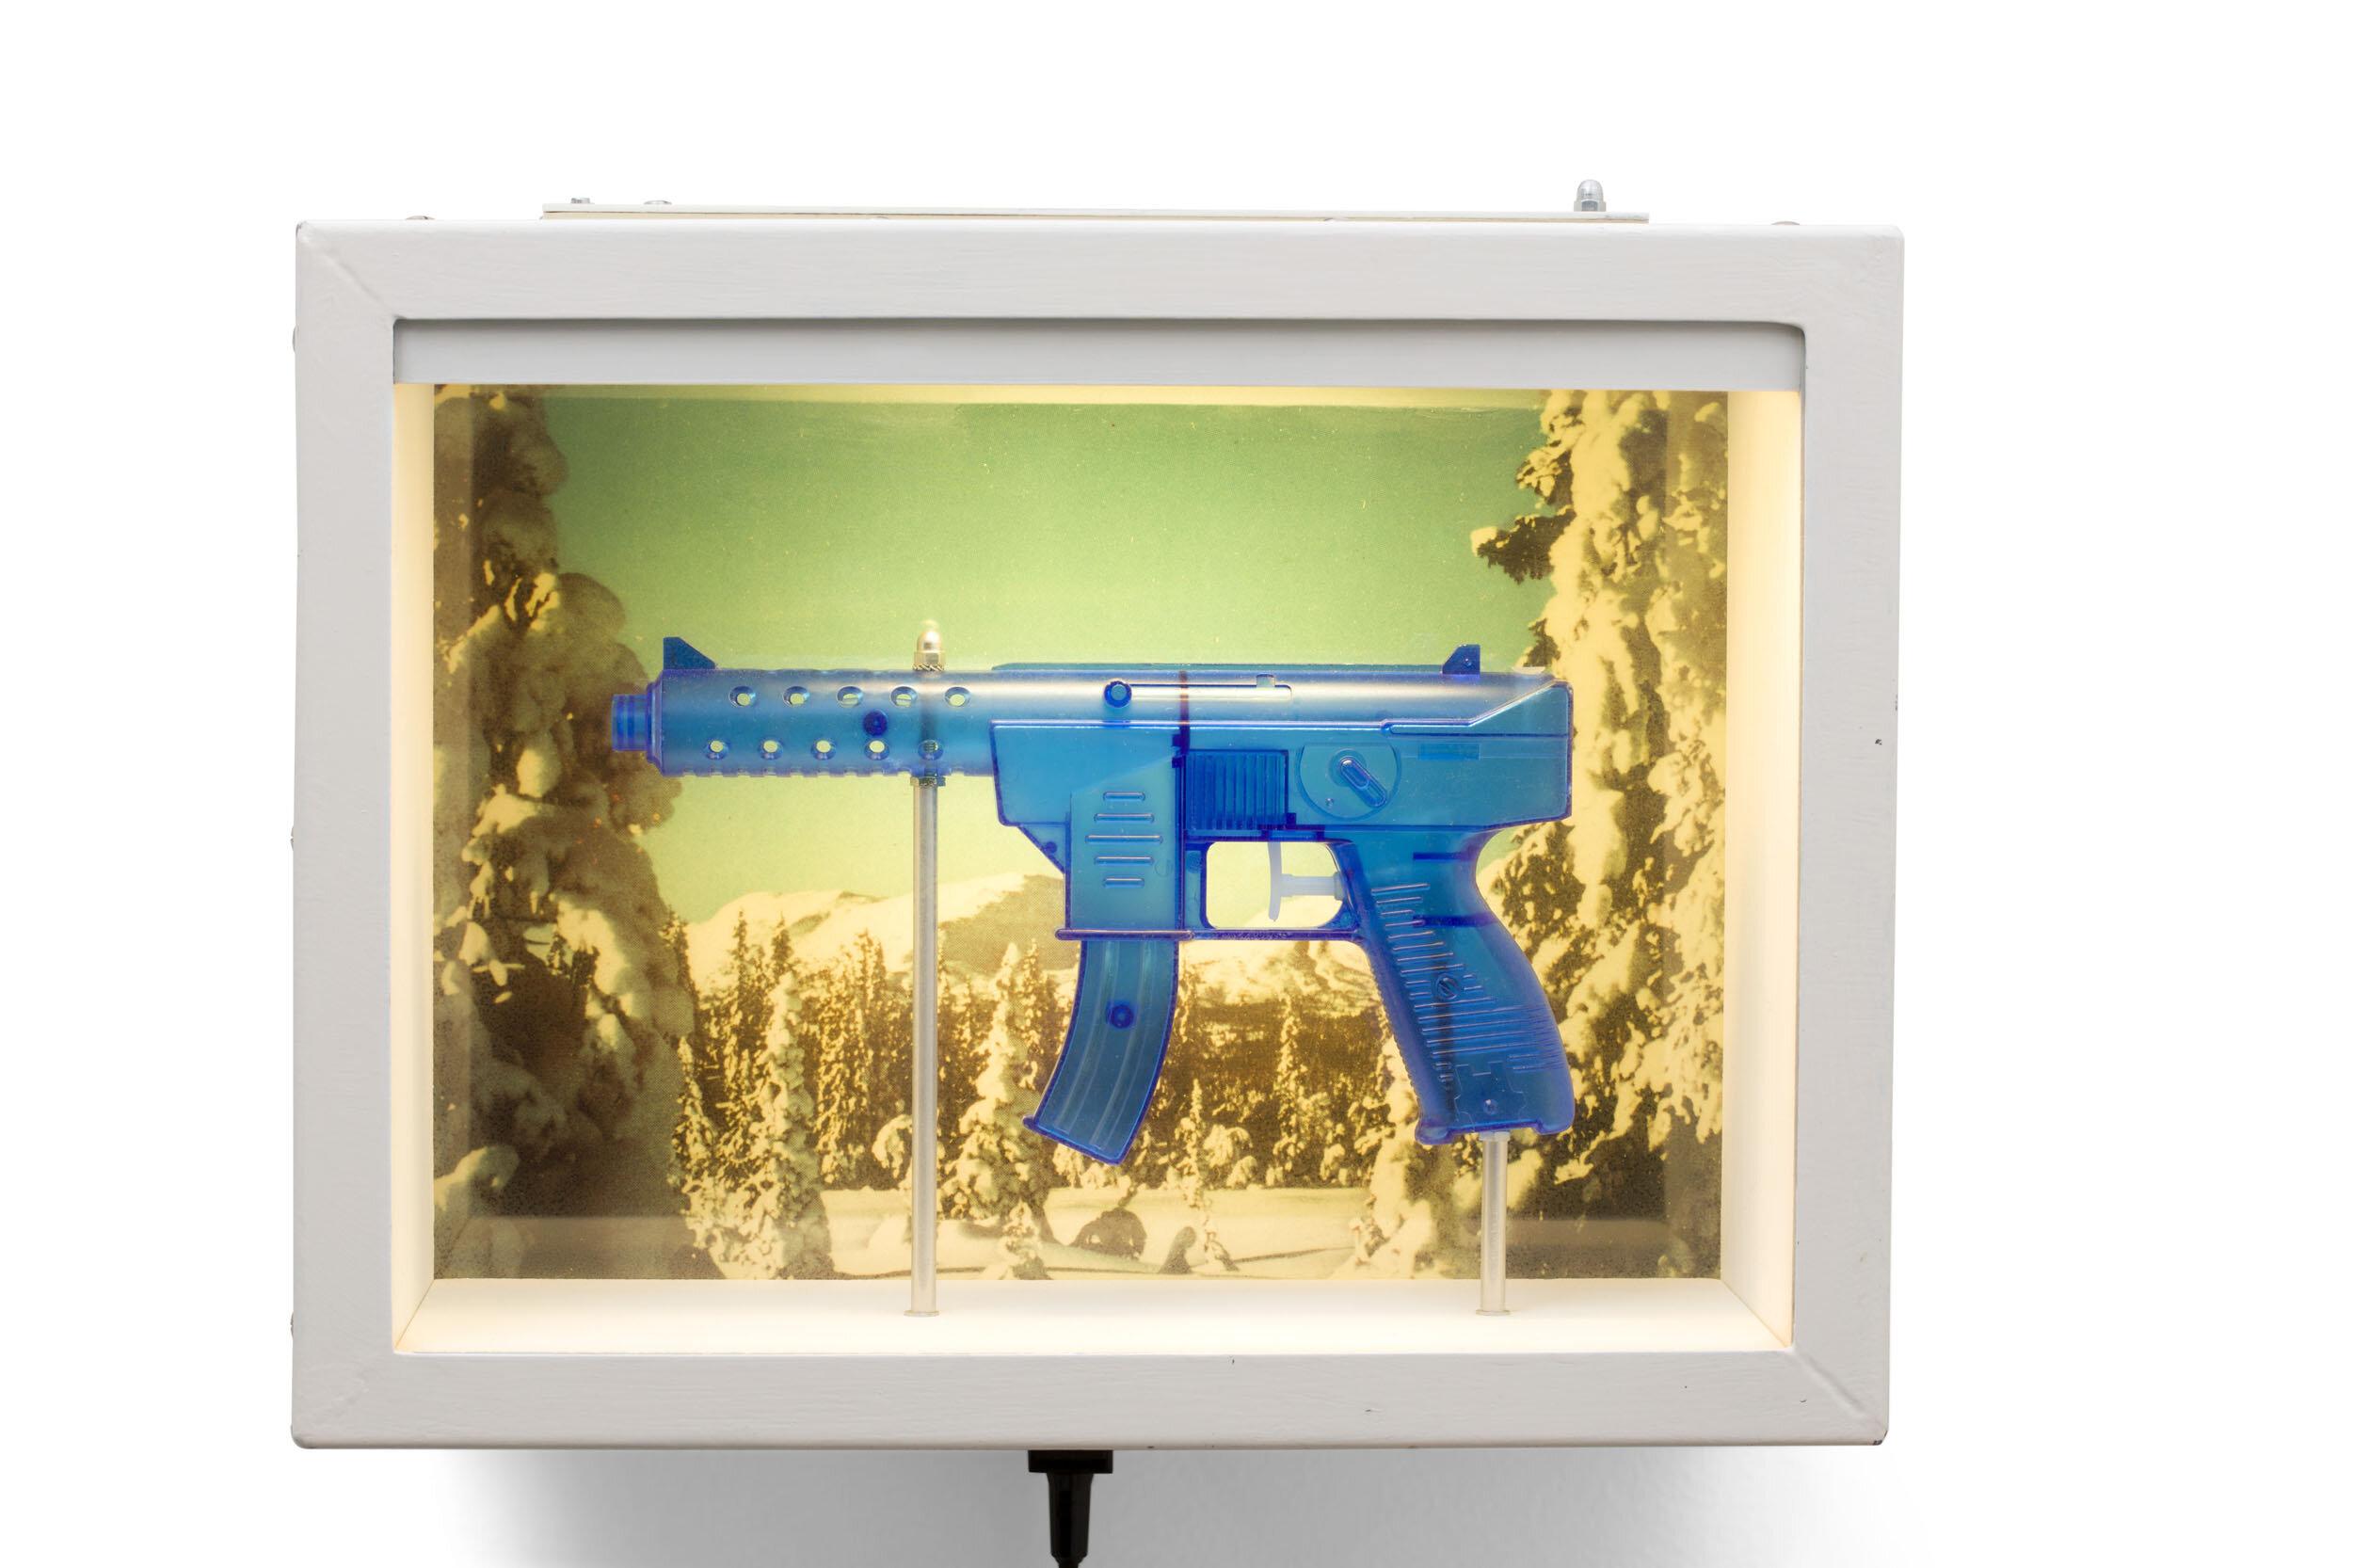 Martin Wickström   Cuernevaca Guns  1990 Signerad och daterad Olja på masonit, MDF-låda, glas, plast, metall, belysning, el 32,5 x 43 x 30,3 cm